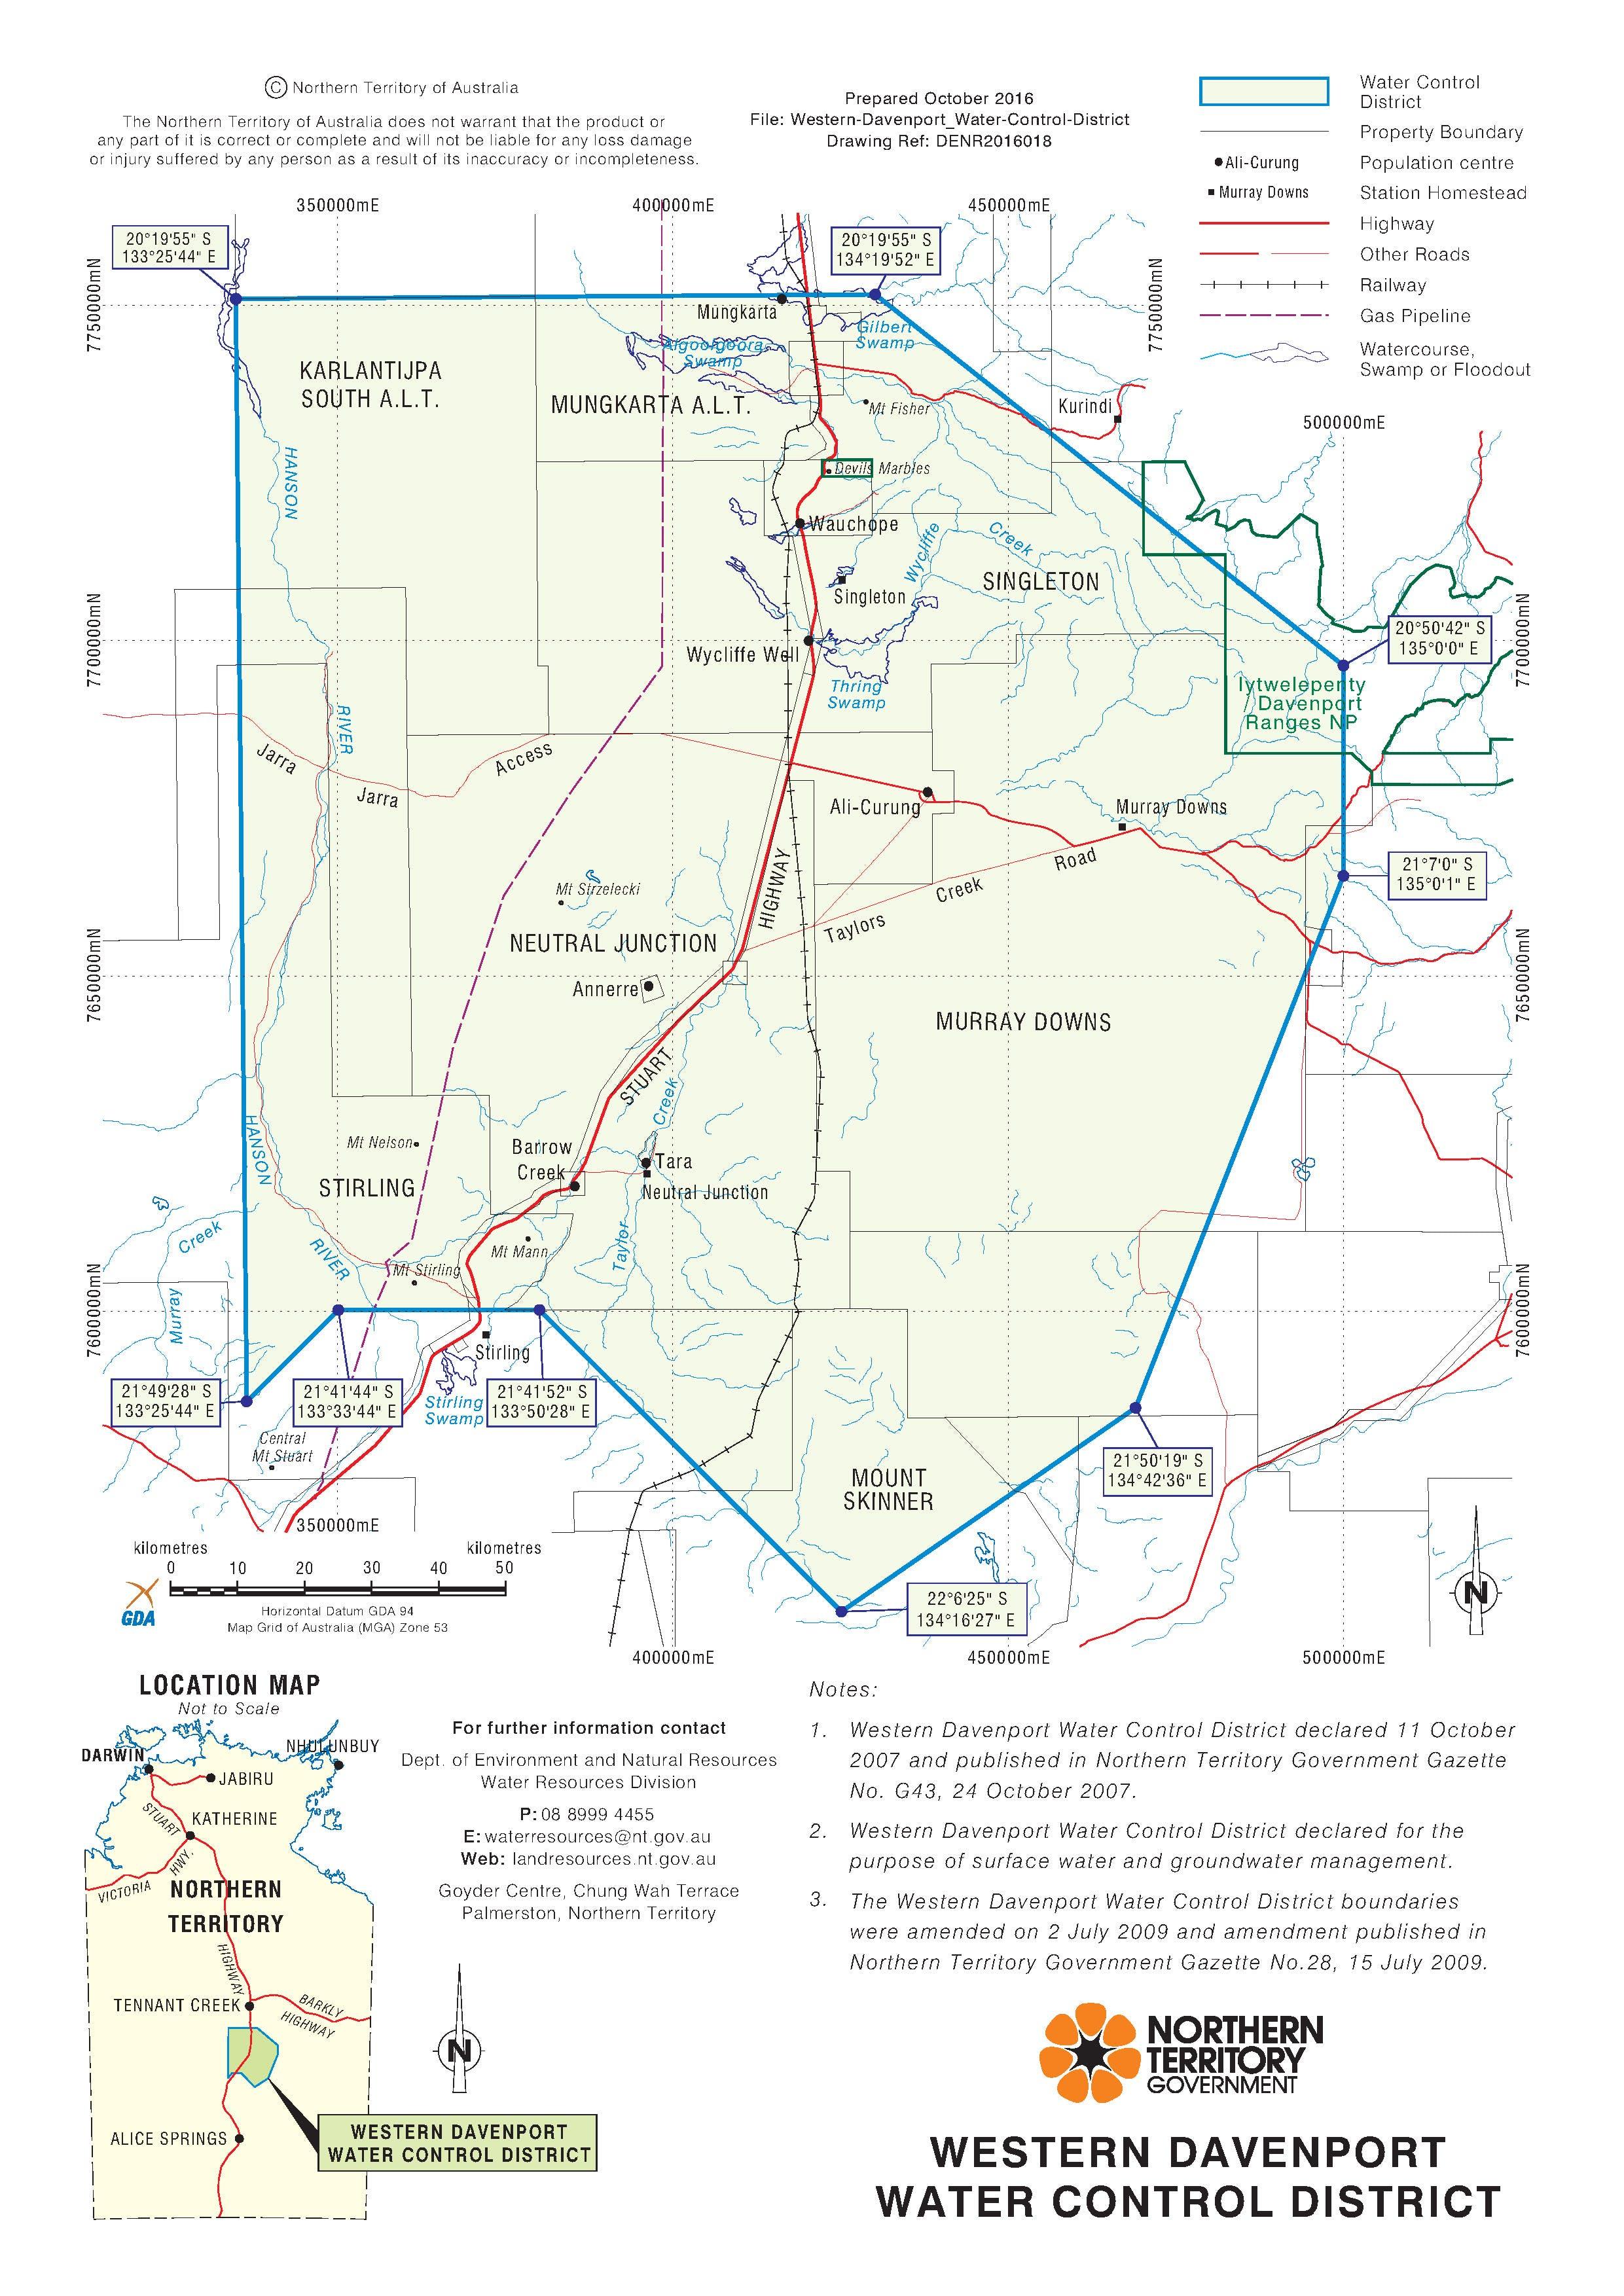 West-Davenport_Water-Control-District.jpg